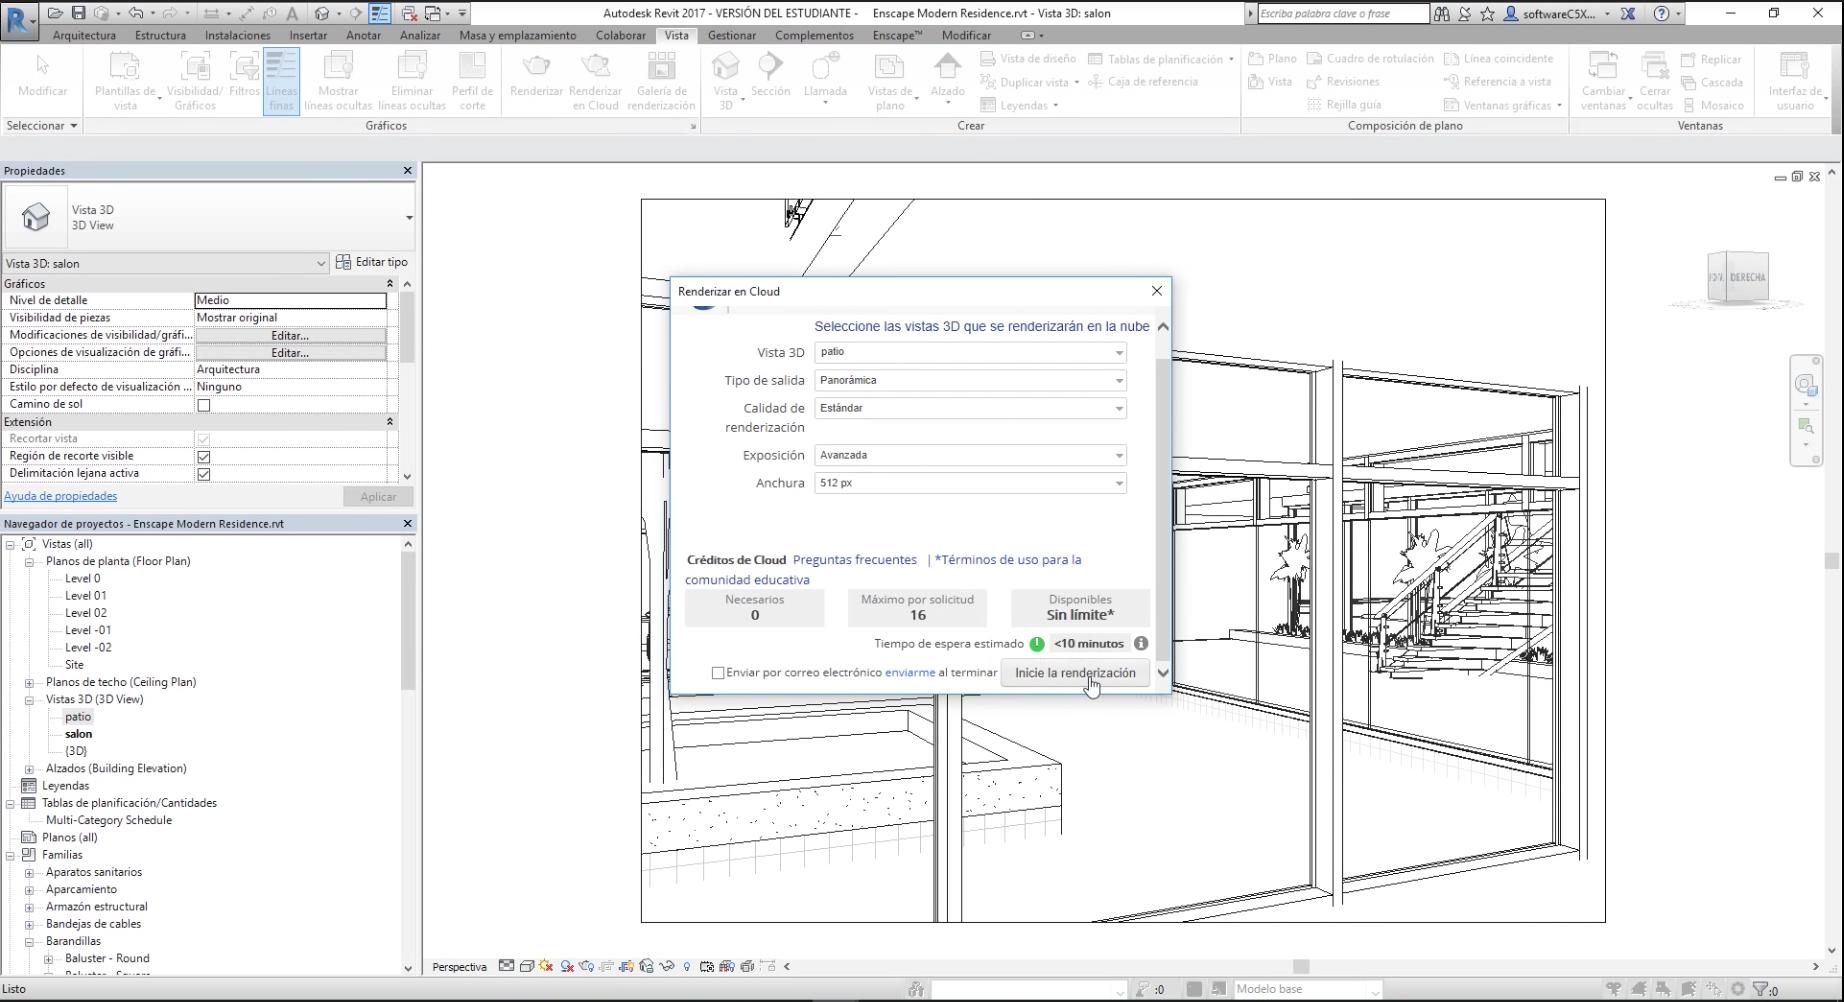 """Para simplificar el ejemplo, renderizaremos sólo la vista """"Patio""""  y en baja calidad, para que tome menos tiempo. En esta ventana, también tendrás información de tus créditos en Autodesk 360's y tiempo estimado de renderizado."""